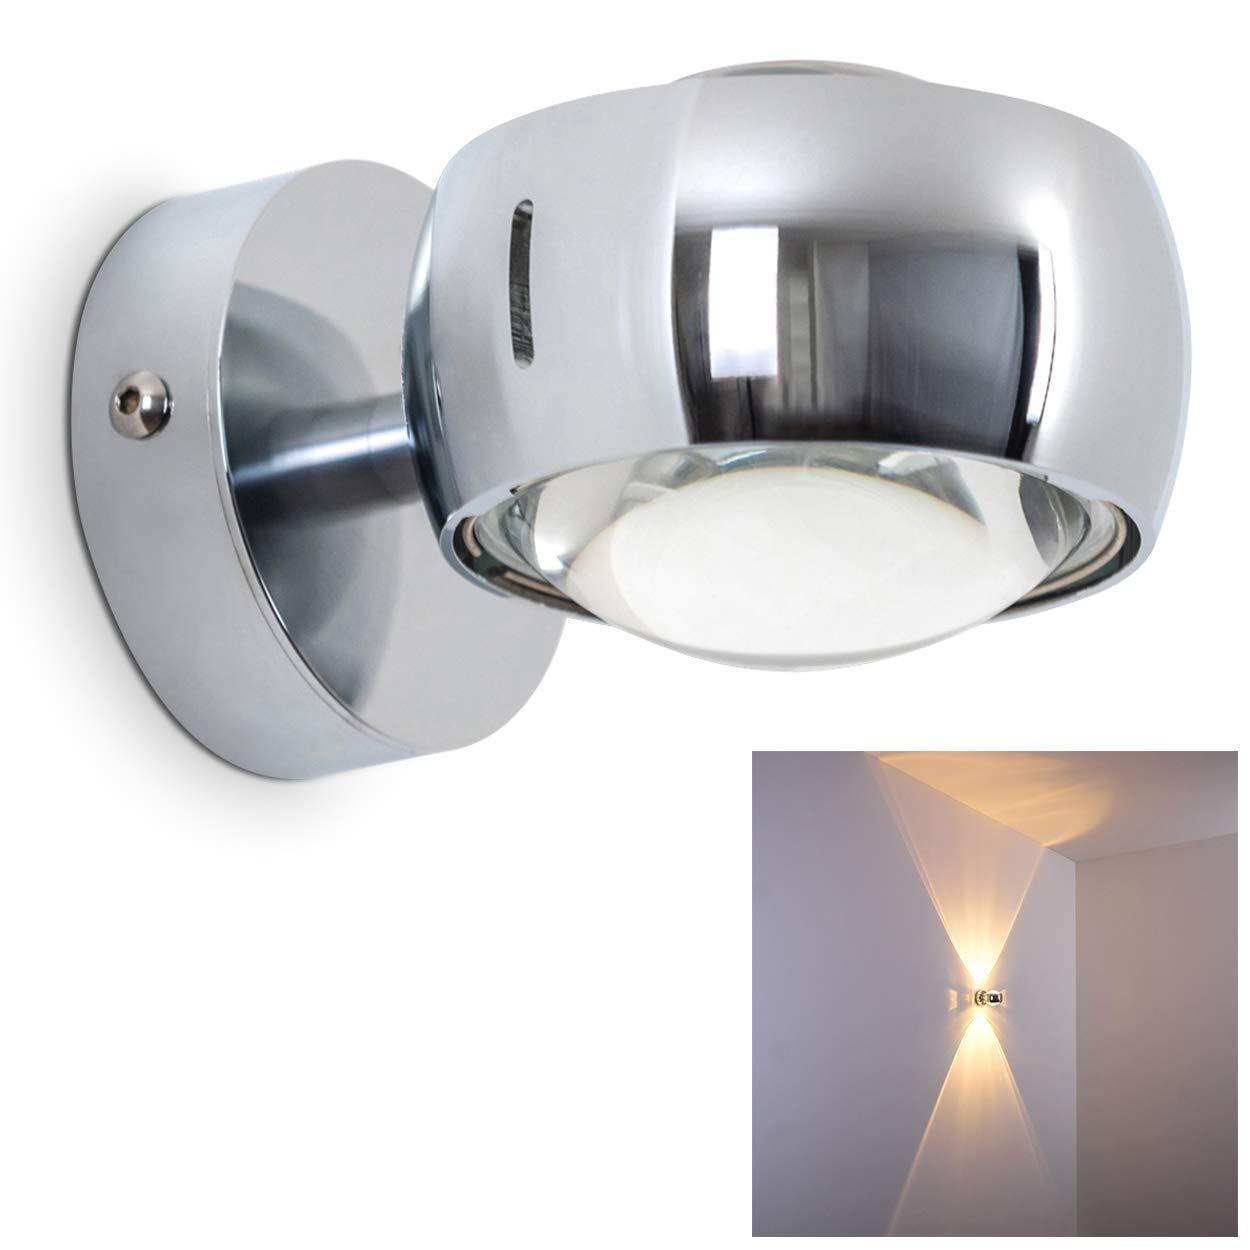 Effektlampe mit zwei gegen/überliegenden Licht-Kegeln Wandlampe geradlinig verchromte Metall-Leuchte f/ür das Wohnzimmer das Esszimmer oder die K/üche mit hochwertigem Glas-Schirm